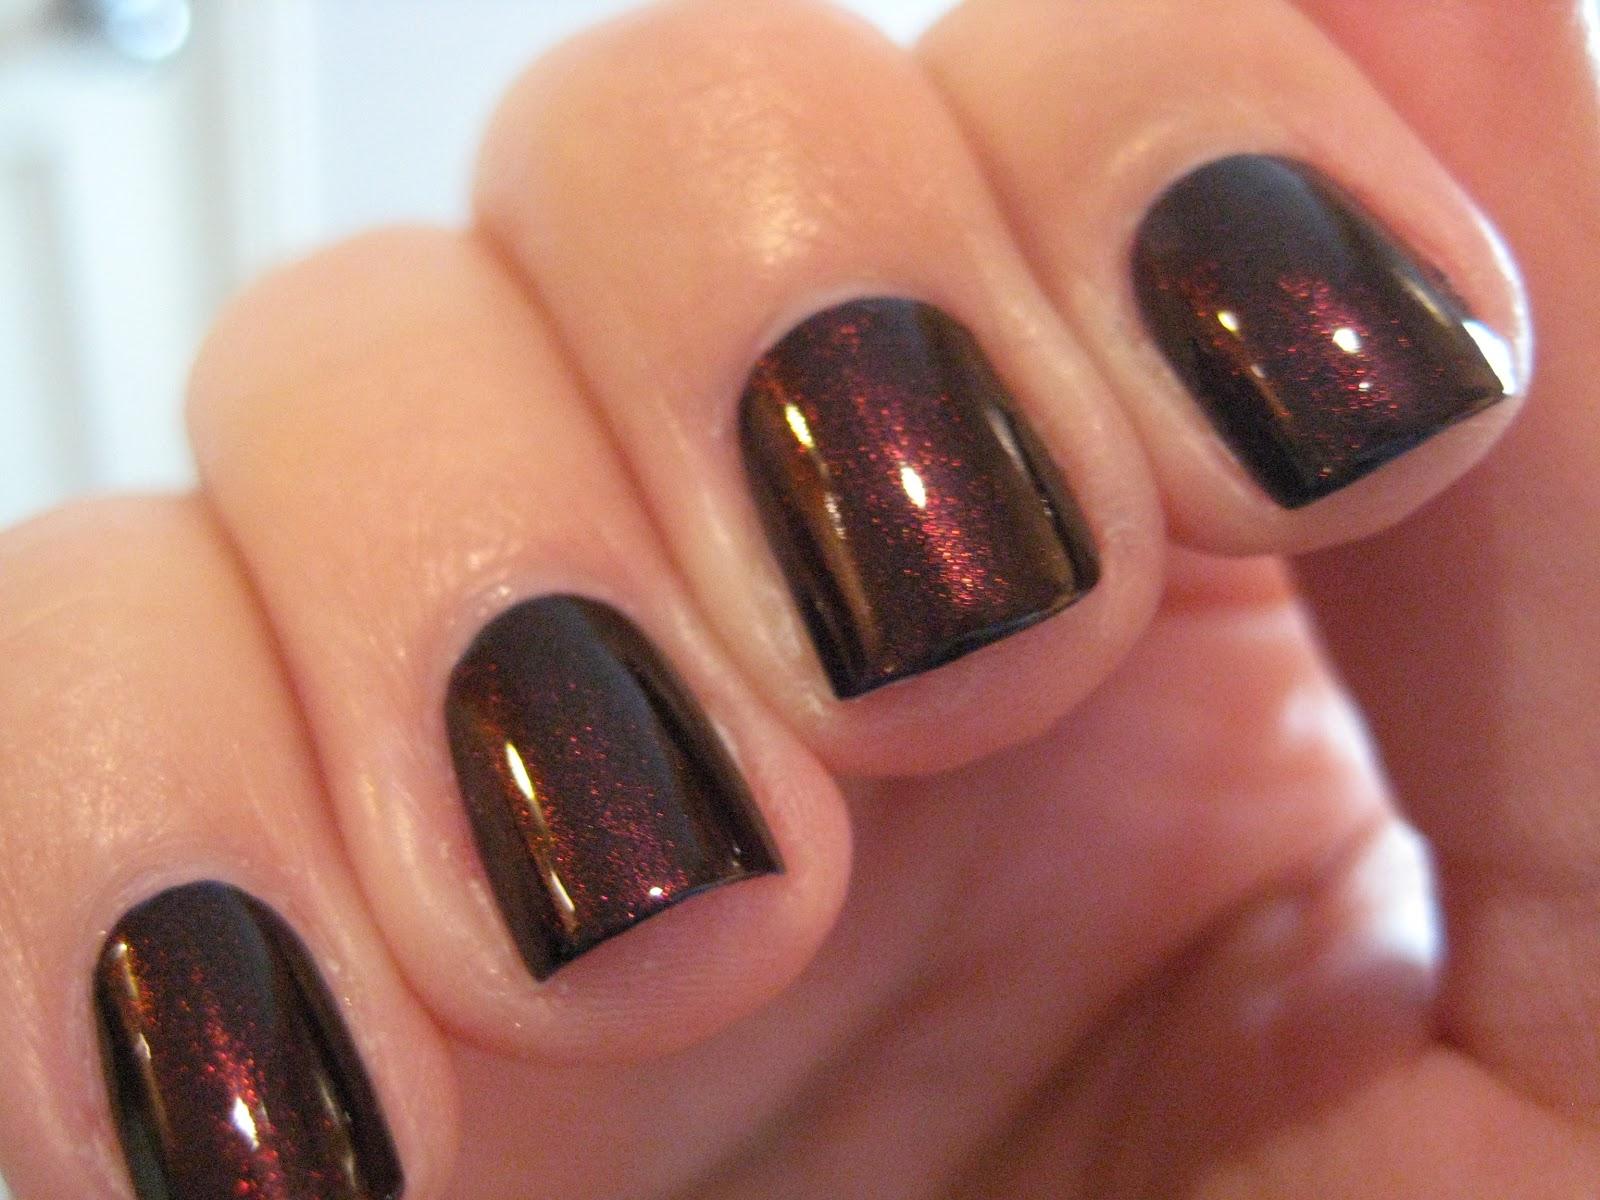 Opi Dark Red Nail Polish | Nails Gallery